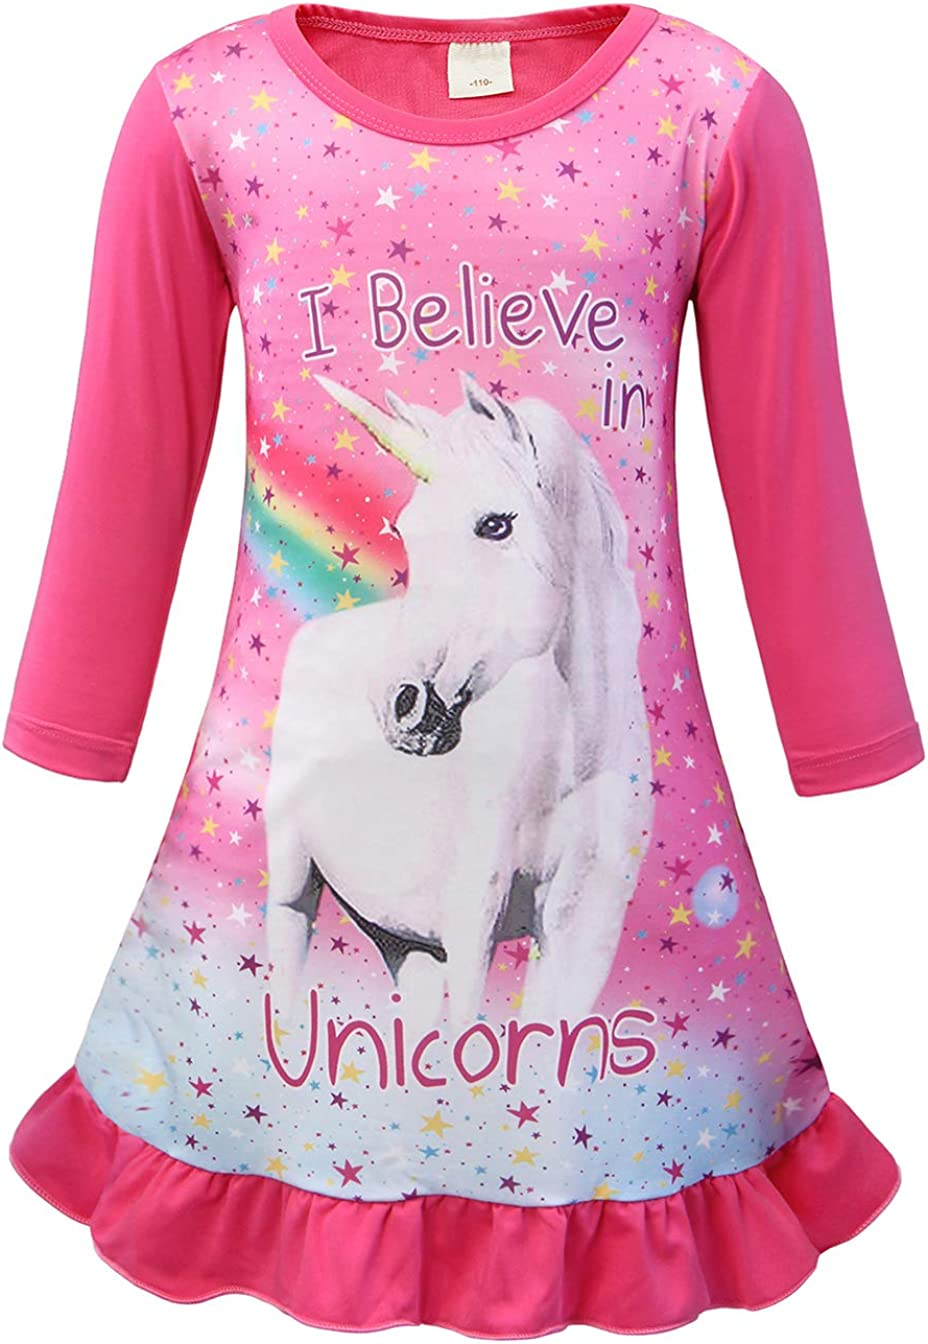 AmzBarley Camisón de Algodón Pijama Niña Unicornio Chica Manga Larga Vestido Fiesta Entero una Pieza Ropa de Dormir Traje Disfraz Ducha Noche